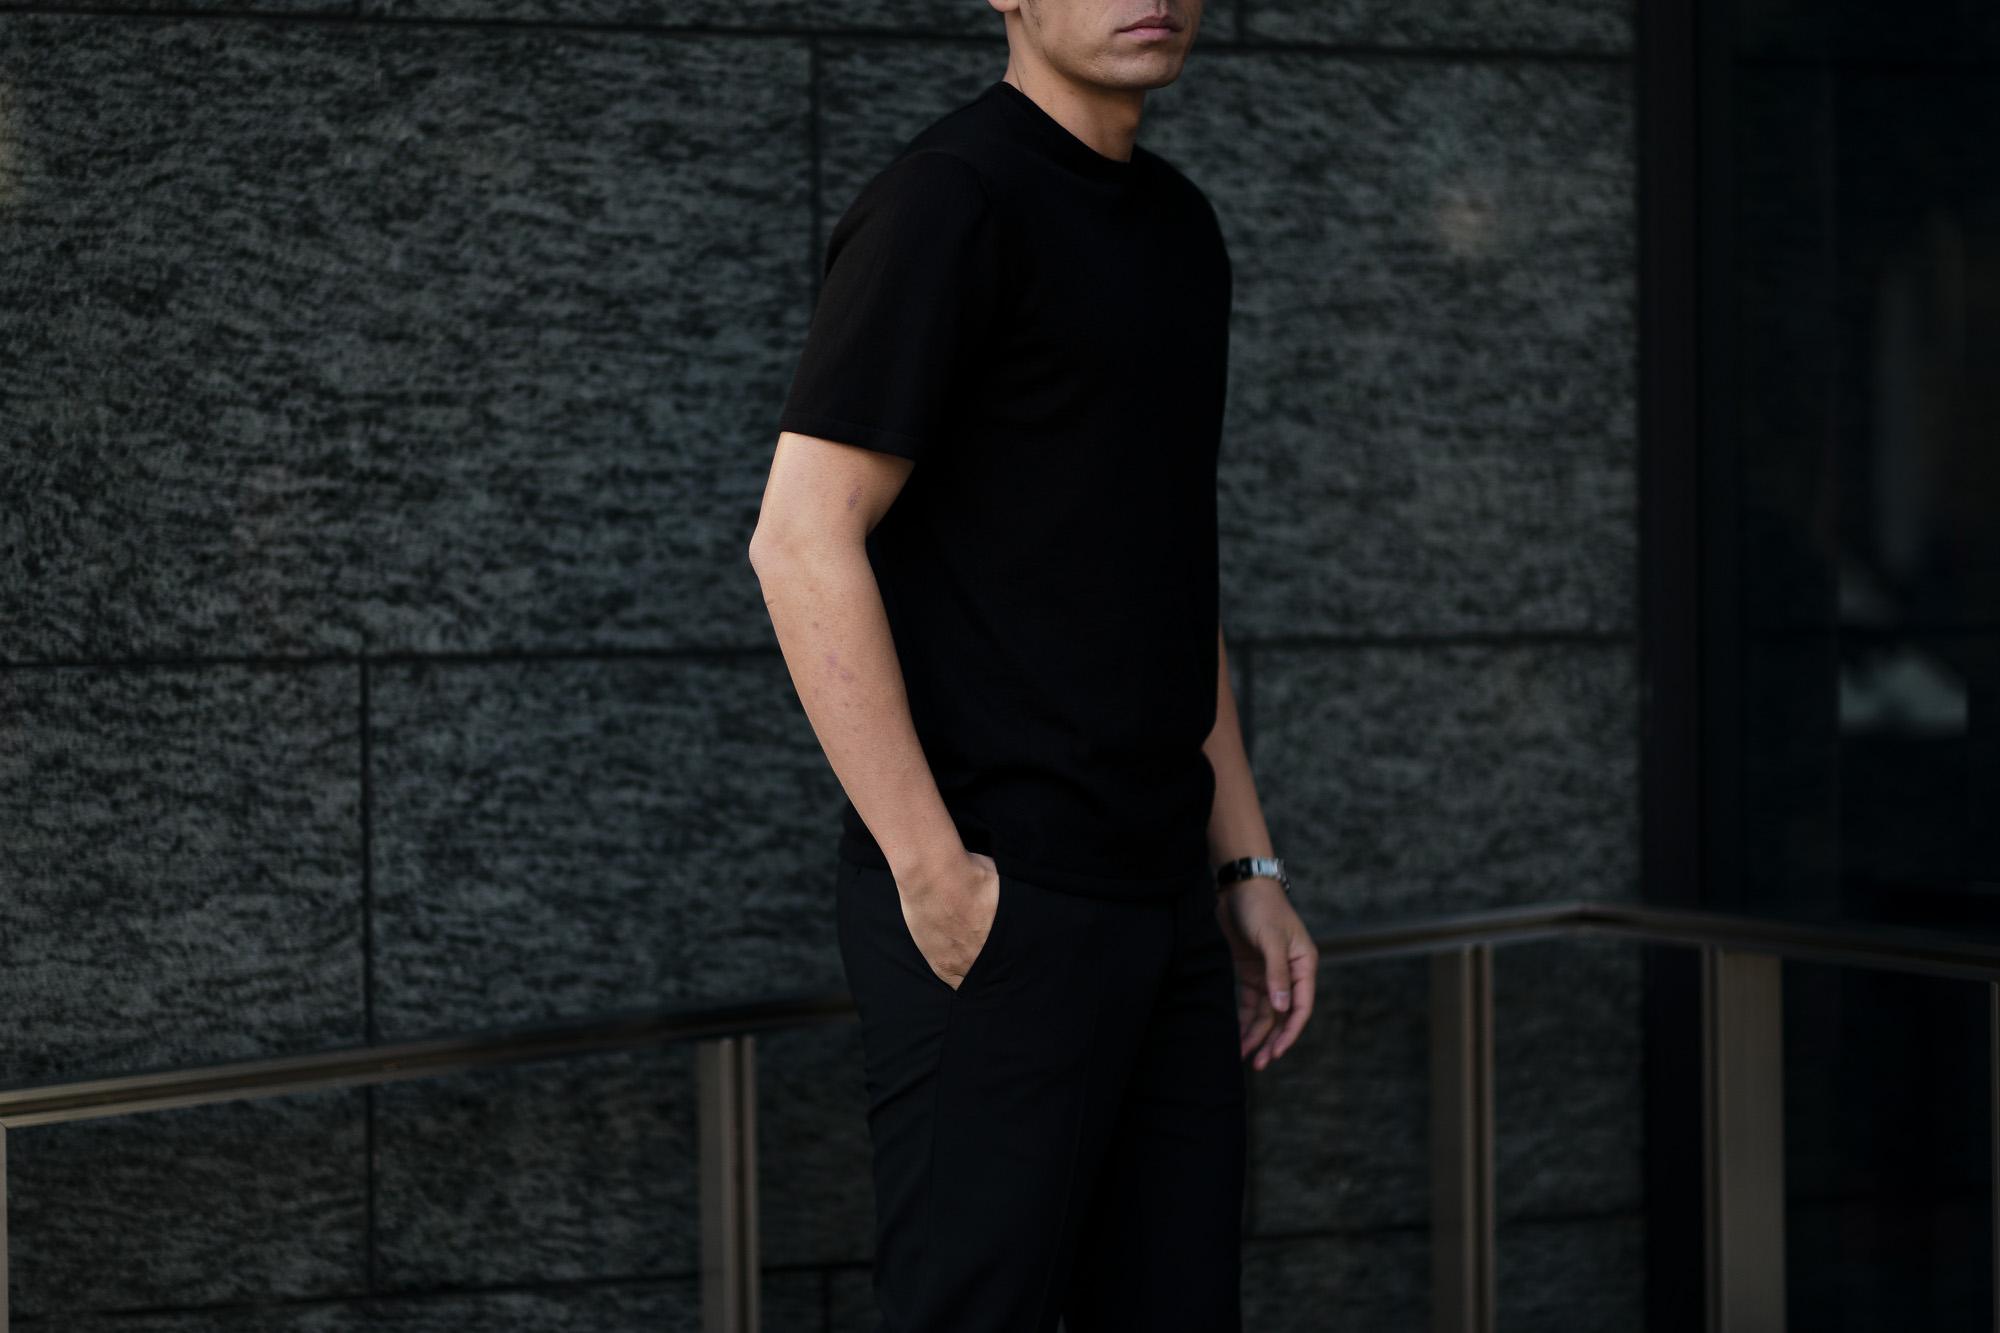 """MANRICO CASHMERE """"Cashmere 100"""" T-Shirts M110 0000 BLACK(ブラック),SNOW WHITE(スノーホワイト),DRESS BLUES(ドレスブルー),ROYAL BLUE(ロイヤルブルー),SABLE(グレージュ),GREY STONE(ダークグレー),AZTEC(ブラウン),CAMEL(キャメル),KOMBU GREEN(グリーン),YELLOW(イエロー),GRENADINE(オレンジ),HIGH RISK RED(ハイリスクレッド) MADE IN ITALY(イタリア製) 2020AW"""